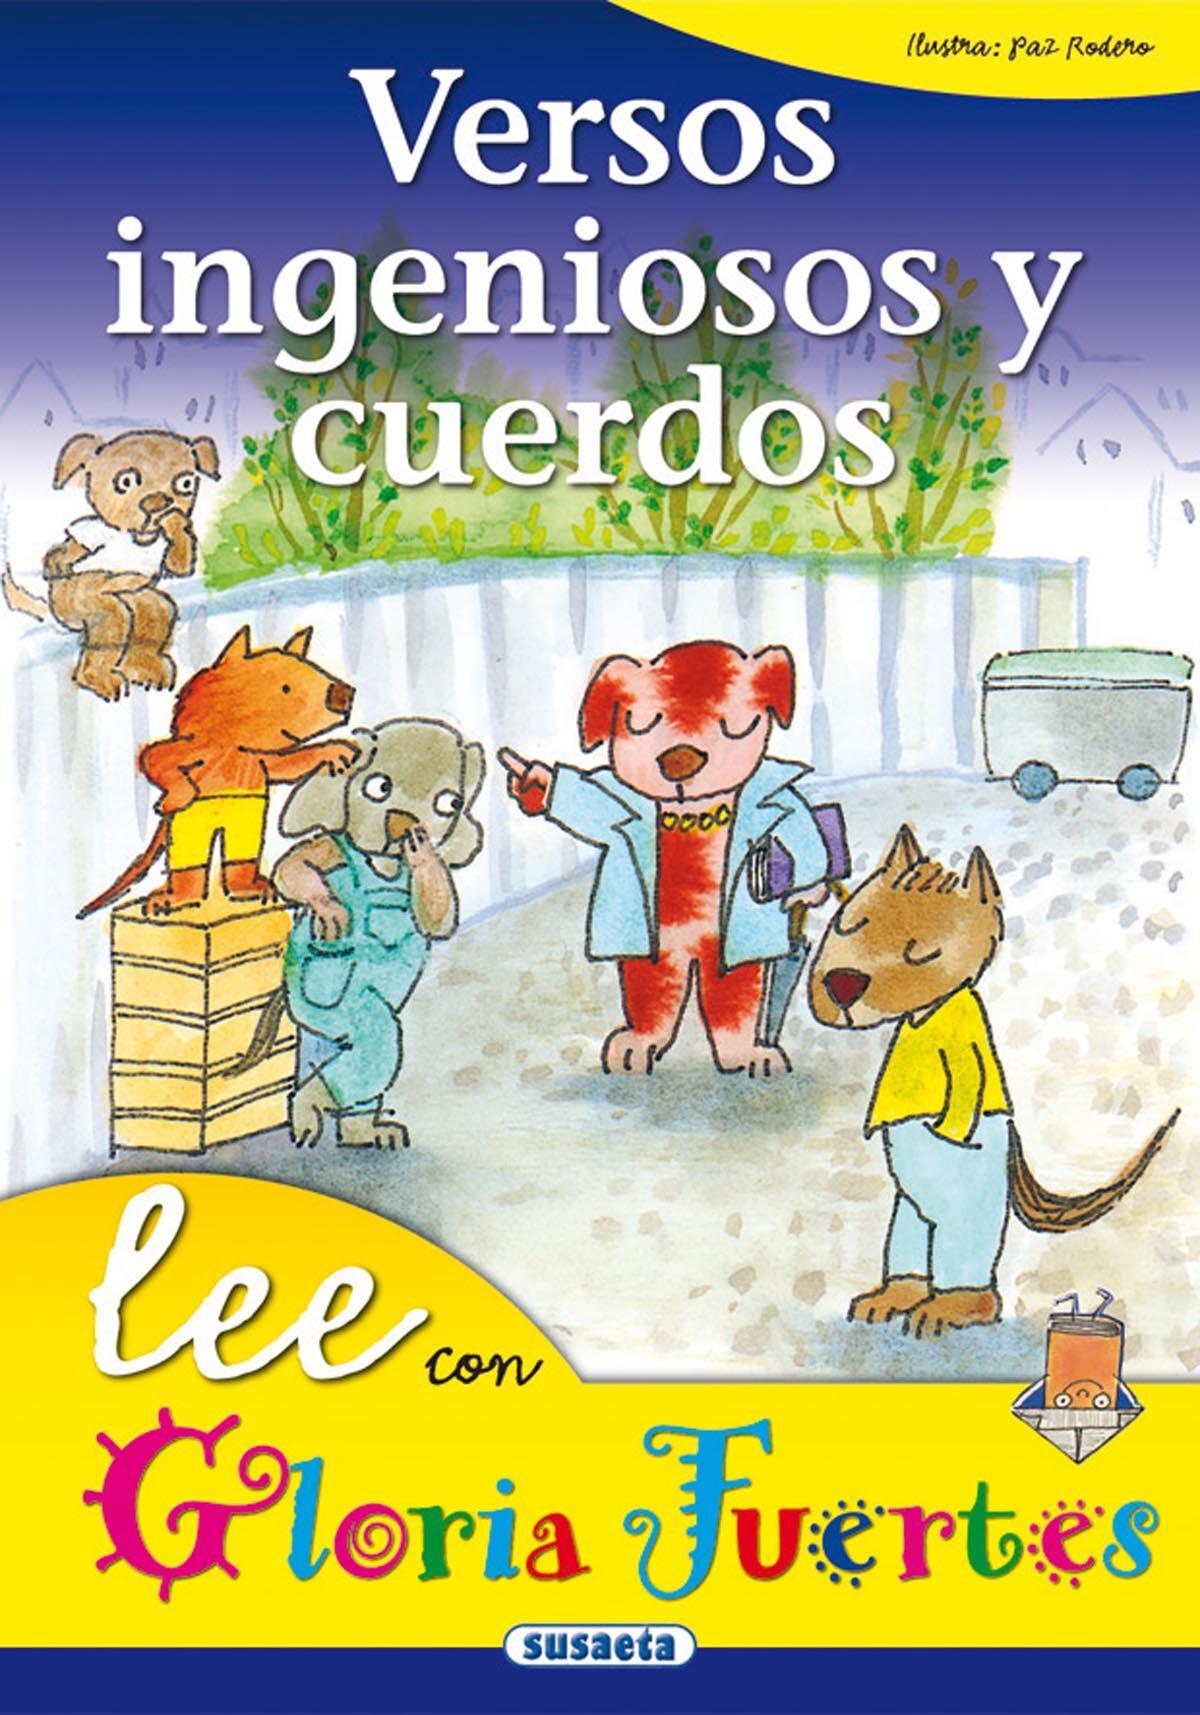 Versos Ingeniosos Y Cuerdos por Gloria Fuertes